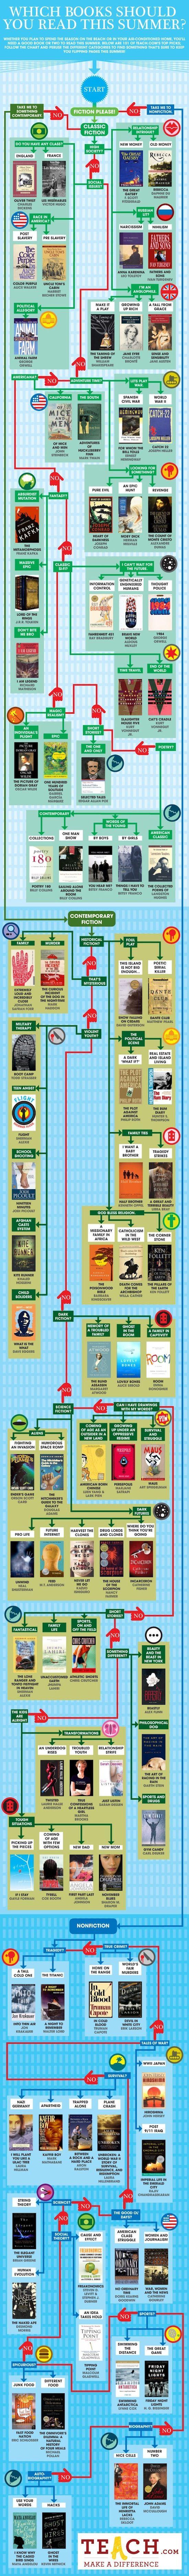 Quale sarà il libro della vostra estate?  Odio le infografiche così lunghe ma vale la pena :)